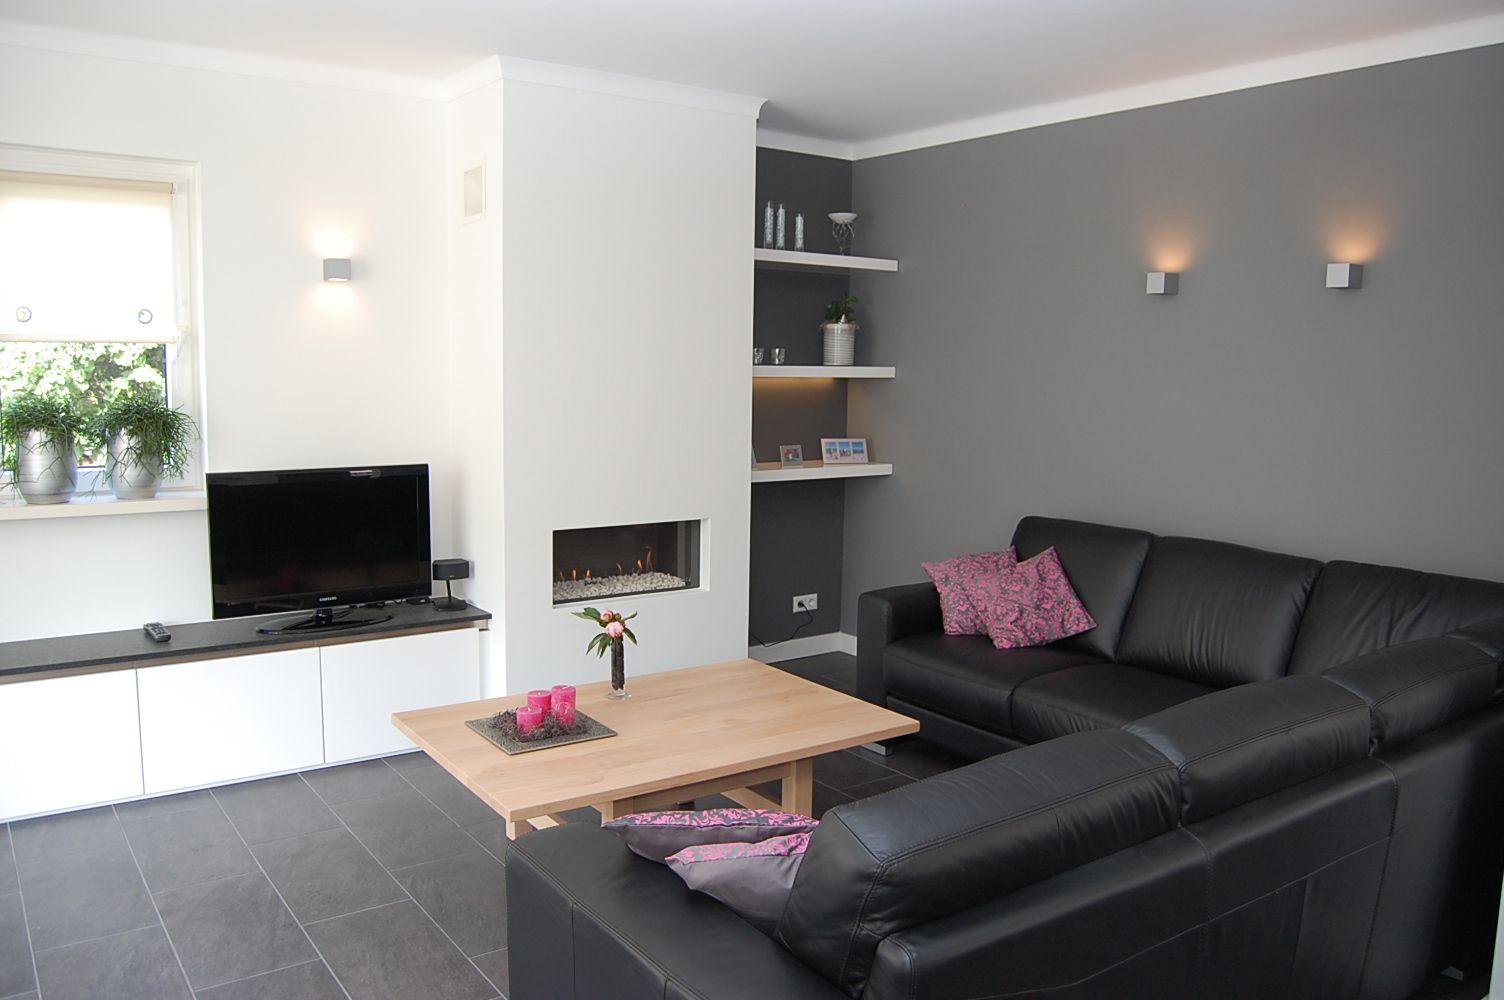 lichtplan woonkamer tips - Google zoeken - lichtplan woonkamer ...